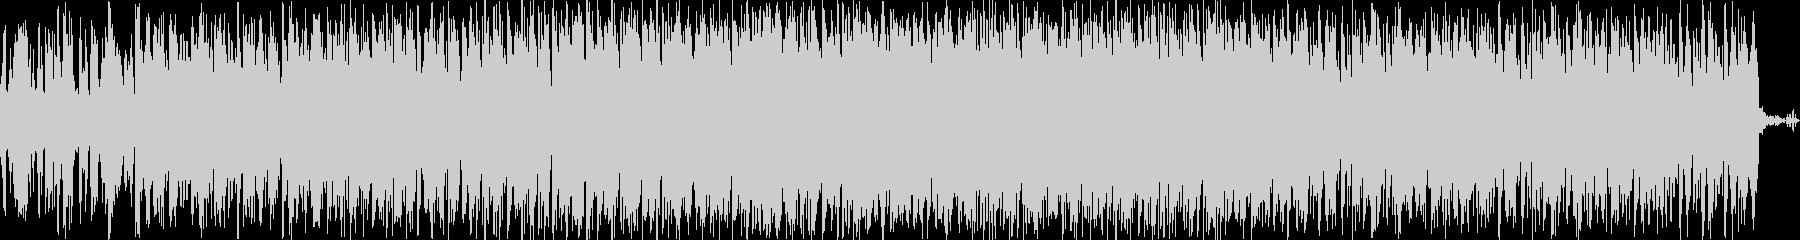 和楽器を使用したHIPHOPの未再生の波形